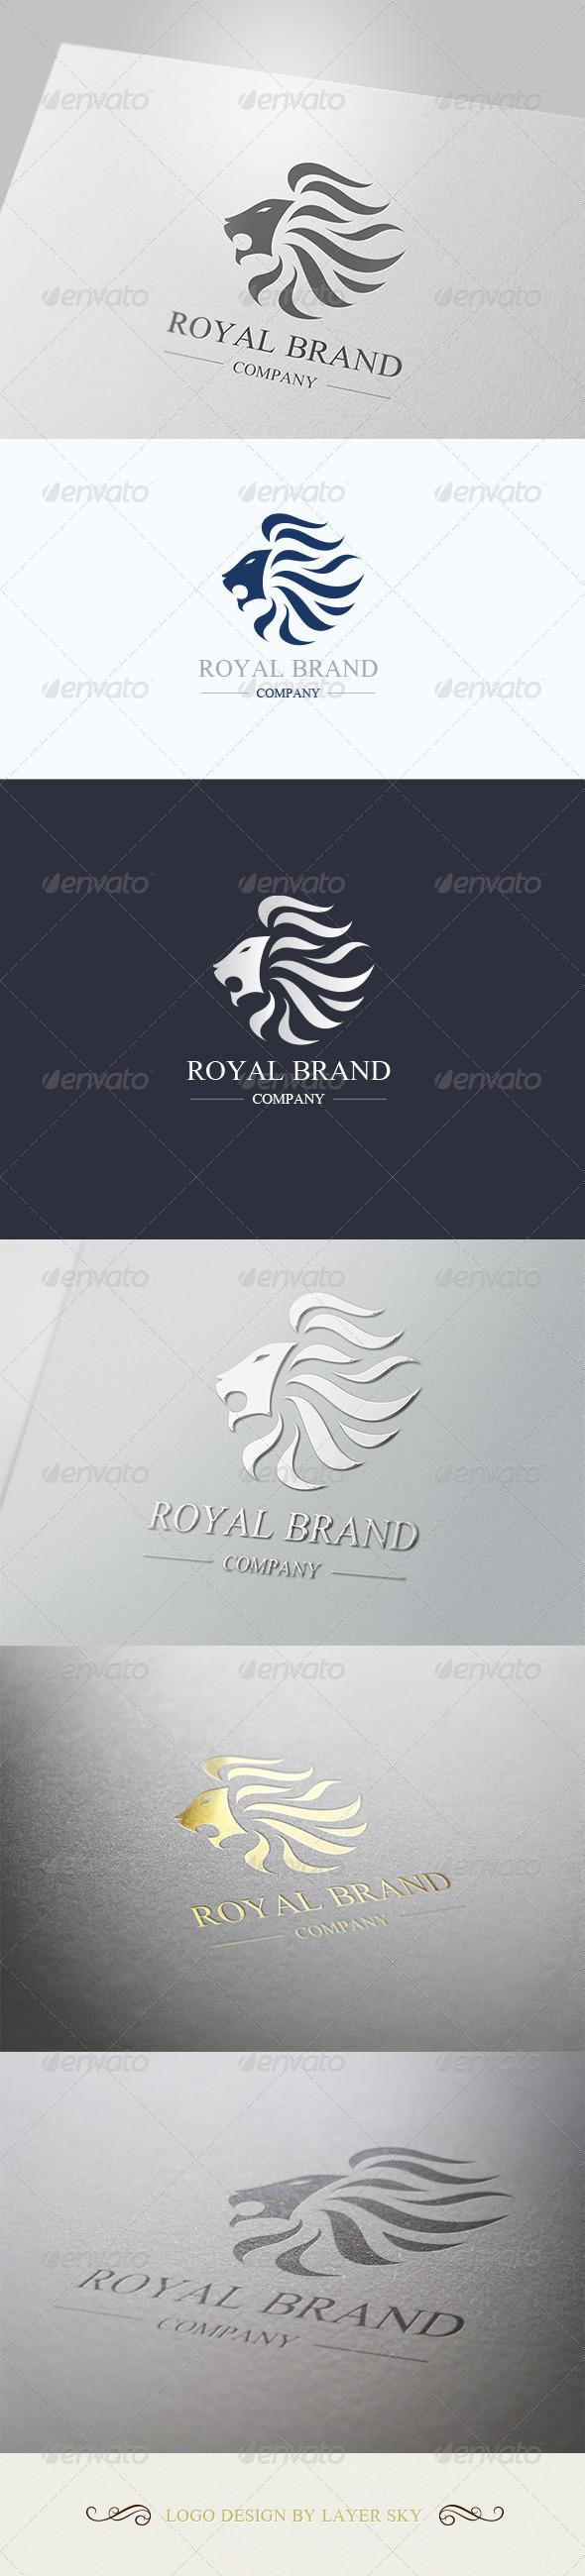 GraphicRiver Lion Royal Brand Logo 1 4106421